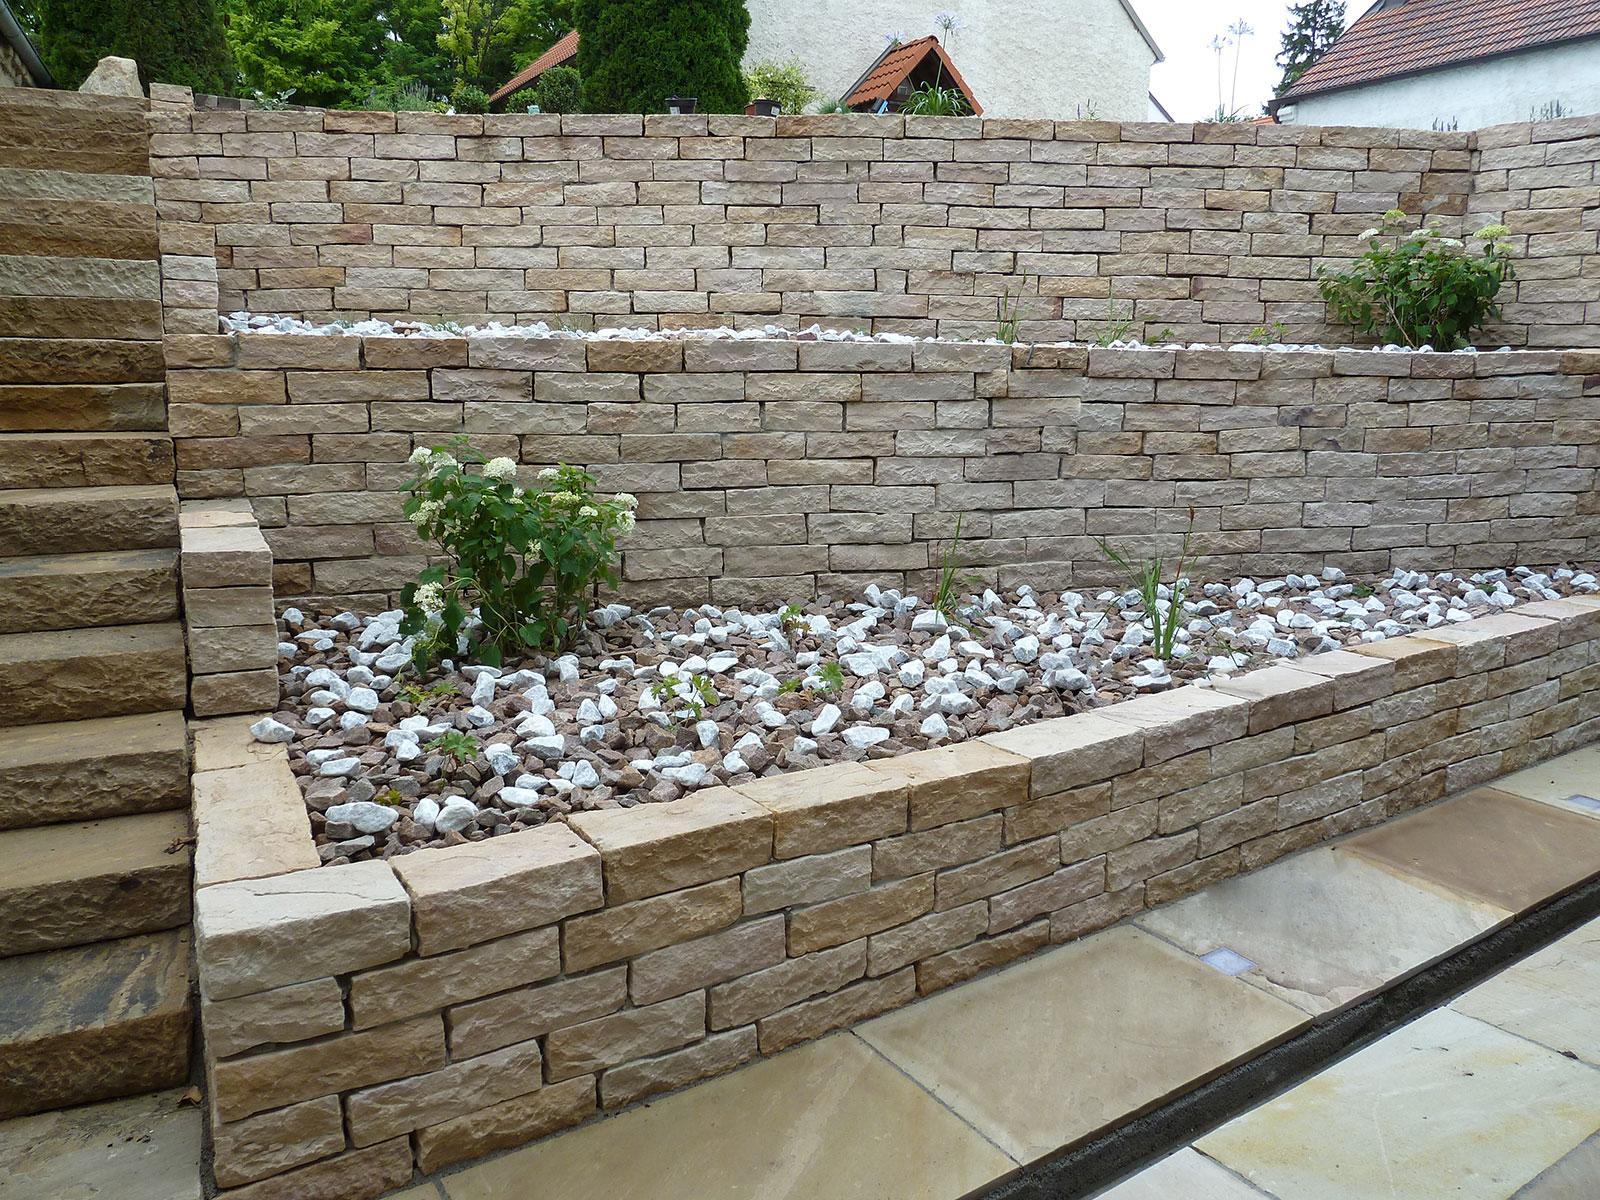 Natursteinmauer 02 gartengestaltung hertl - Natursteinmauer garten ...